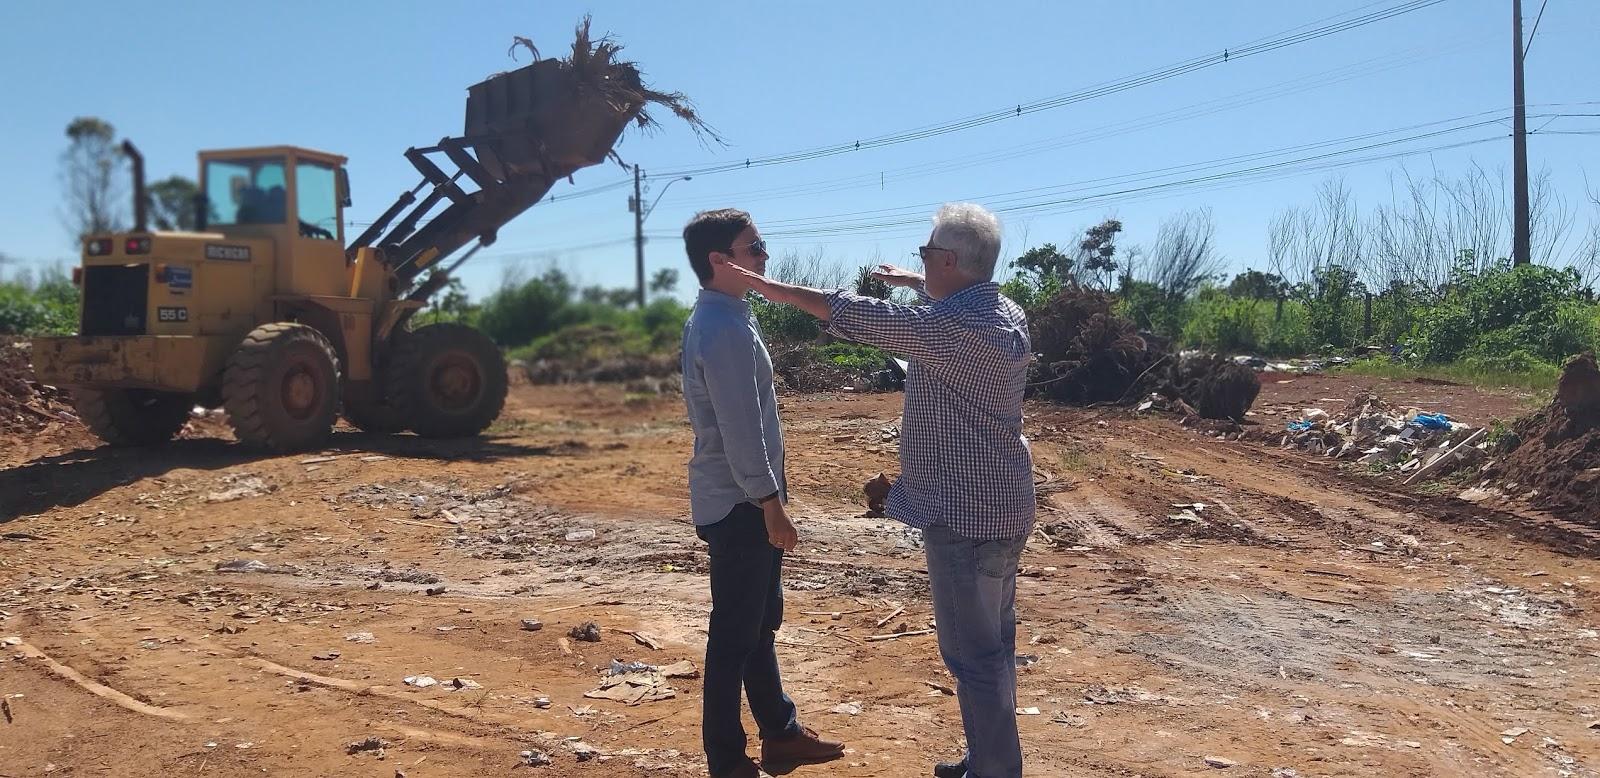 20190114 103625 - O administrador regional do Jardim Botânico, João Carlos Lóssio lançou, nesta segunda feira, ações de limpeza nas ruas que acontecerão de 14 a 16 de janeiro de 2019. SOS DF